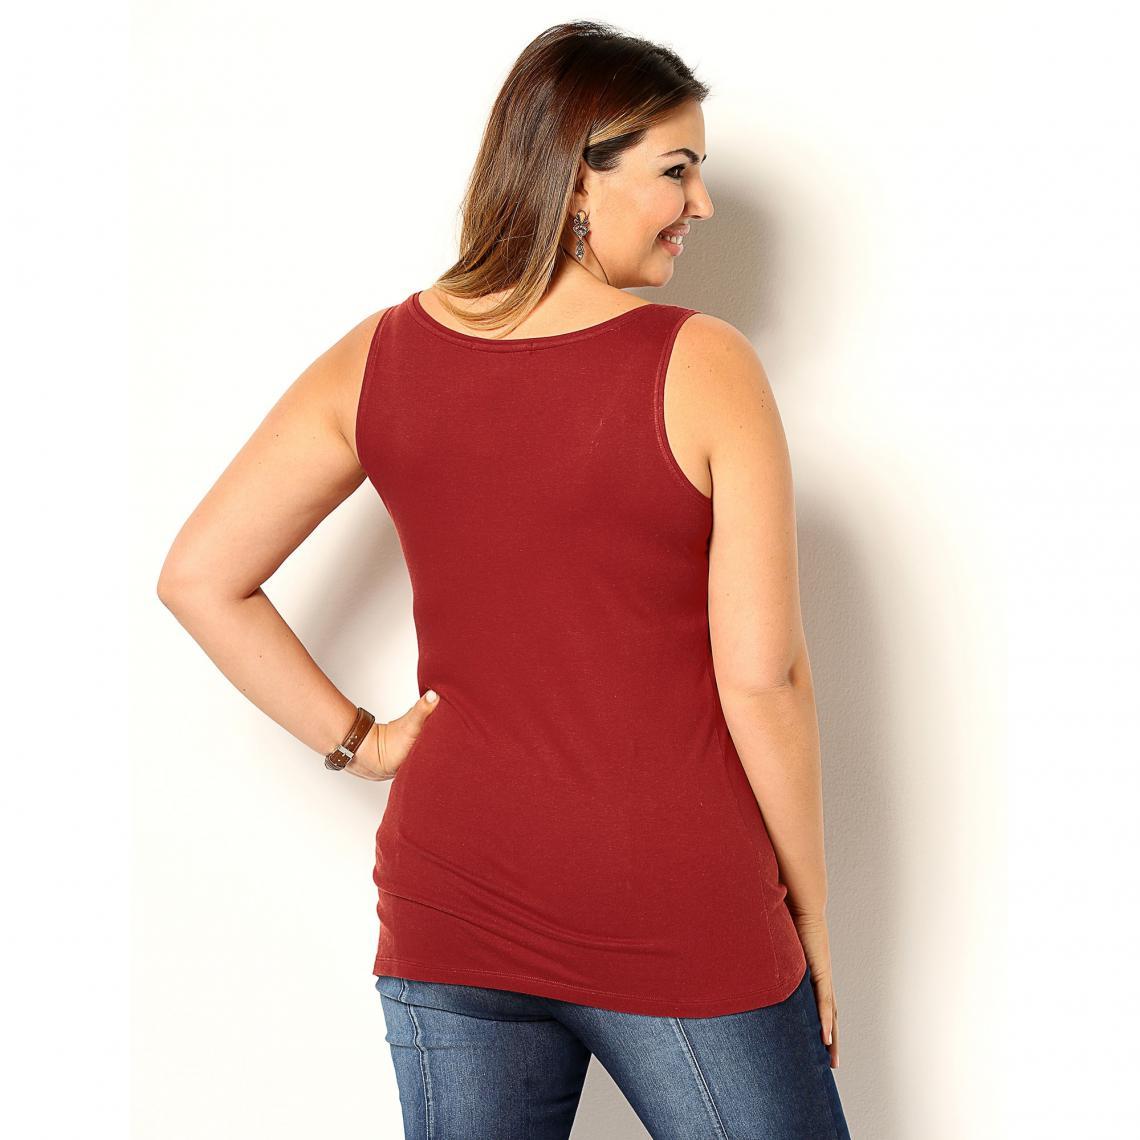 982b0cfb74a88 Tee-shirt larges bretelles encolure arrondie femme - Rouge | 3 SUISSES